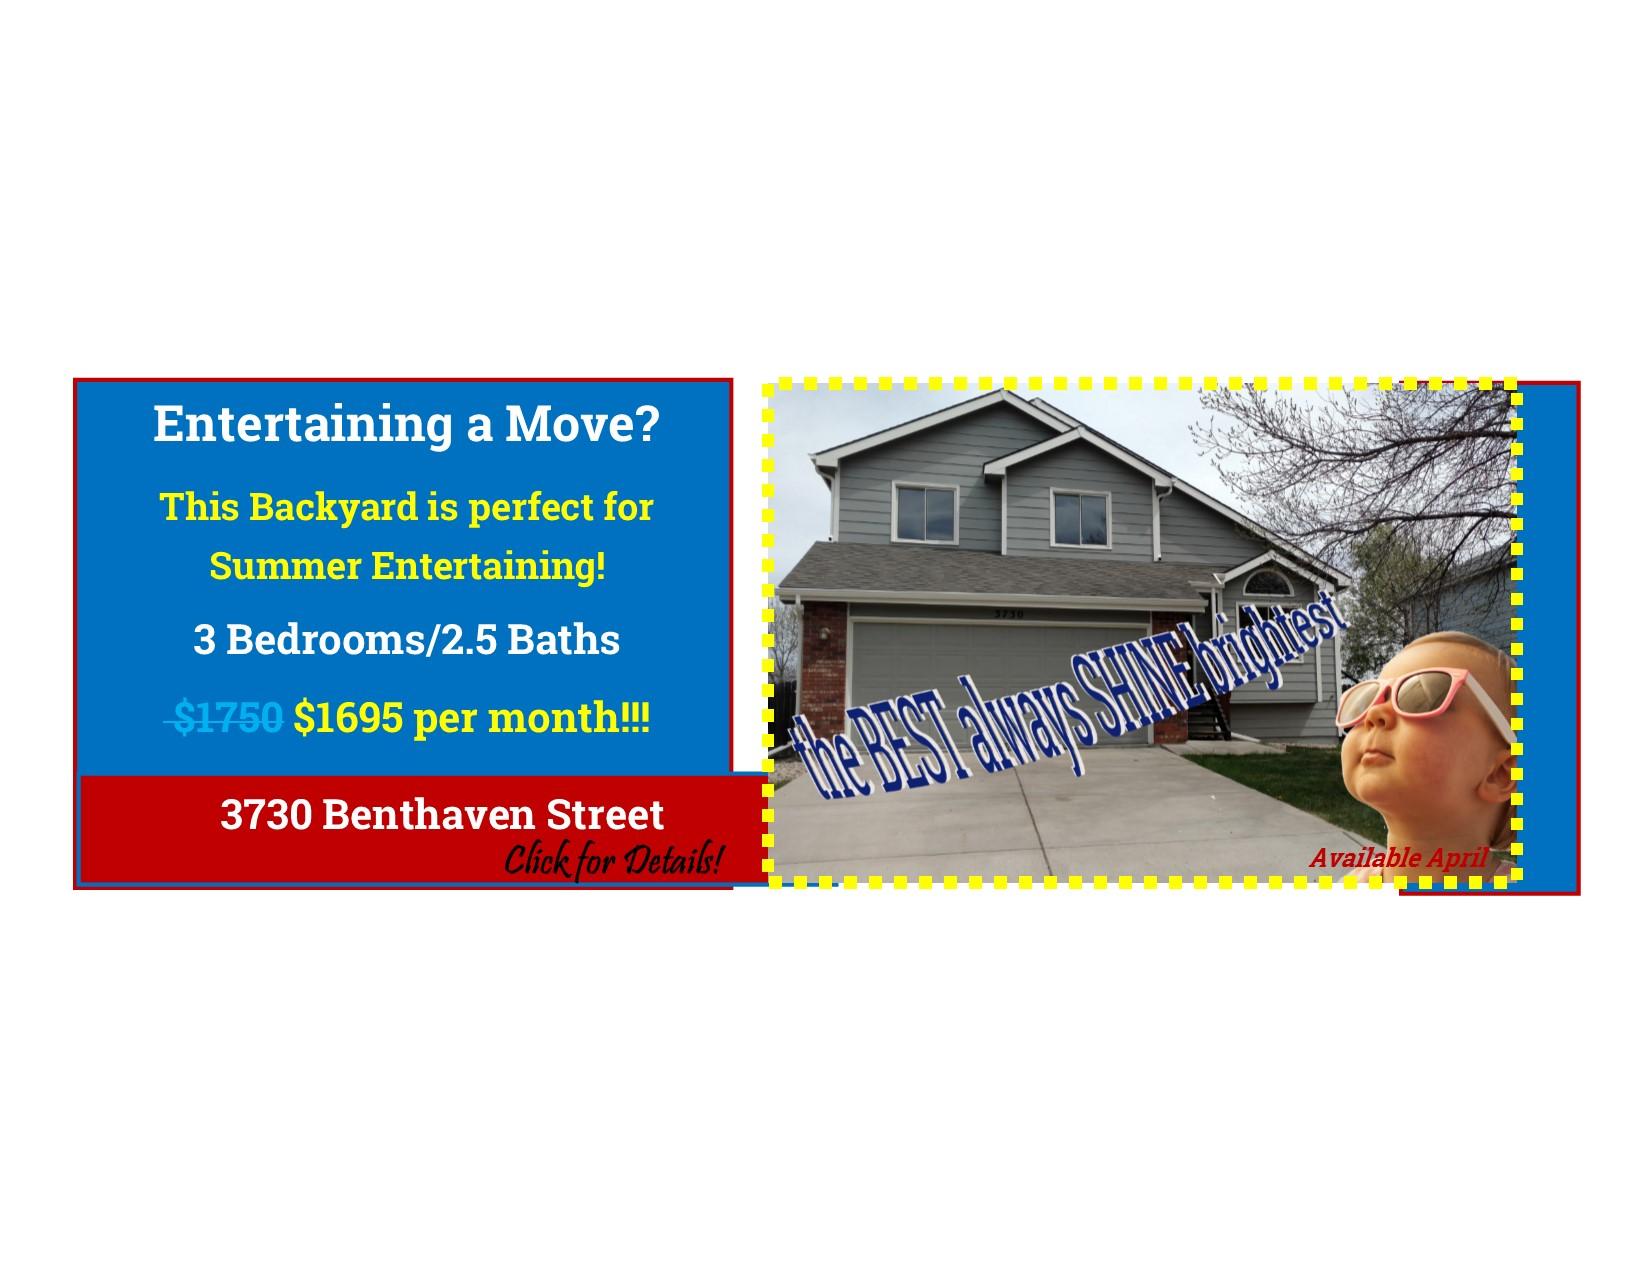 3730 Benthaven Street